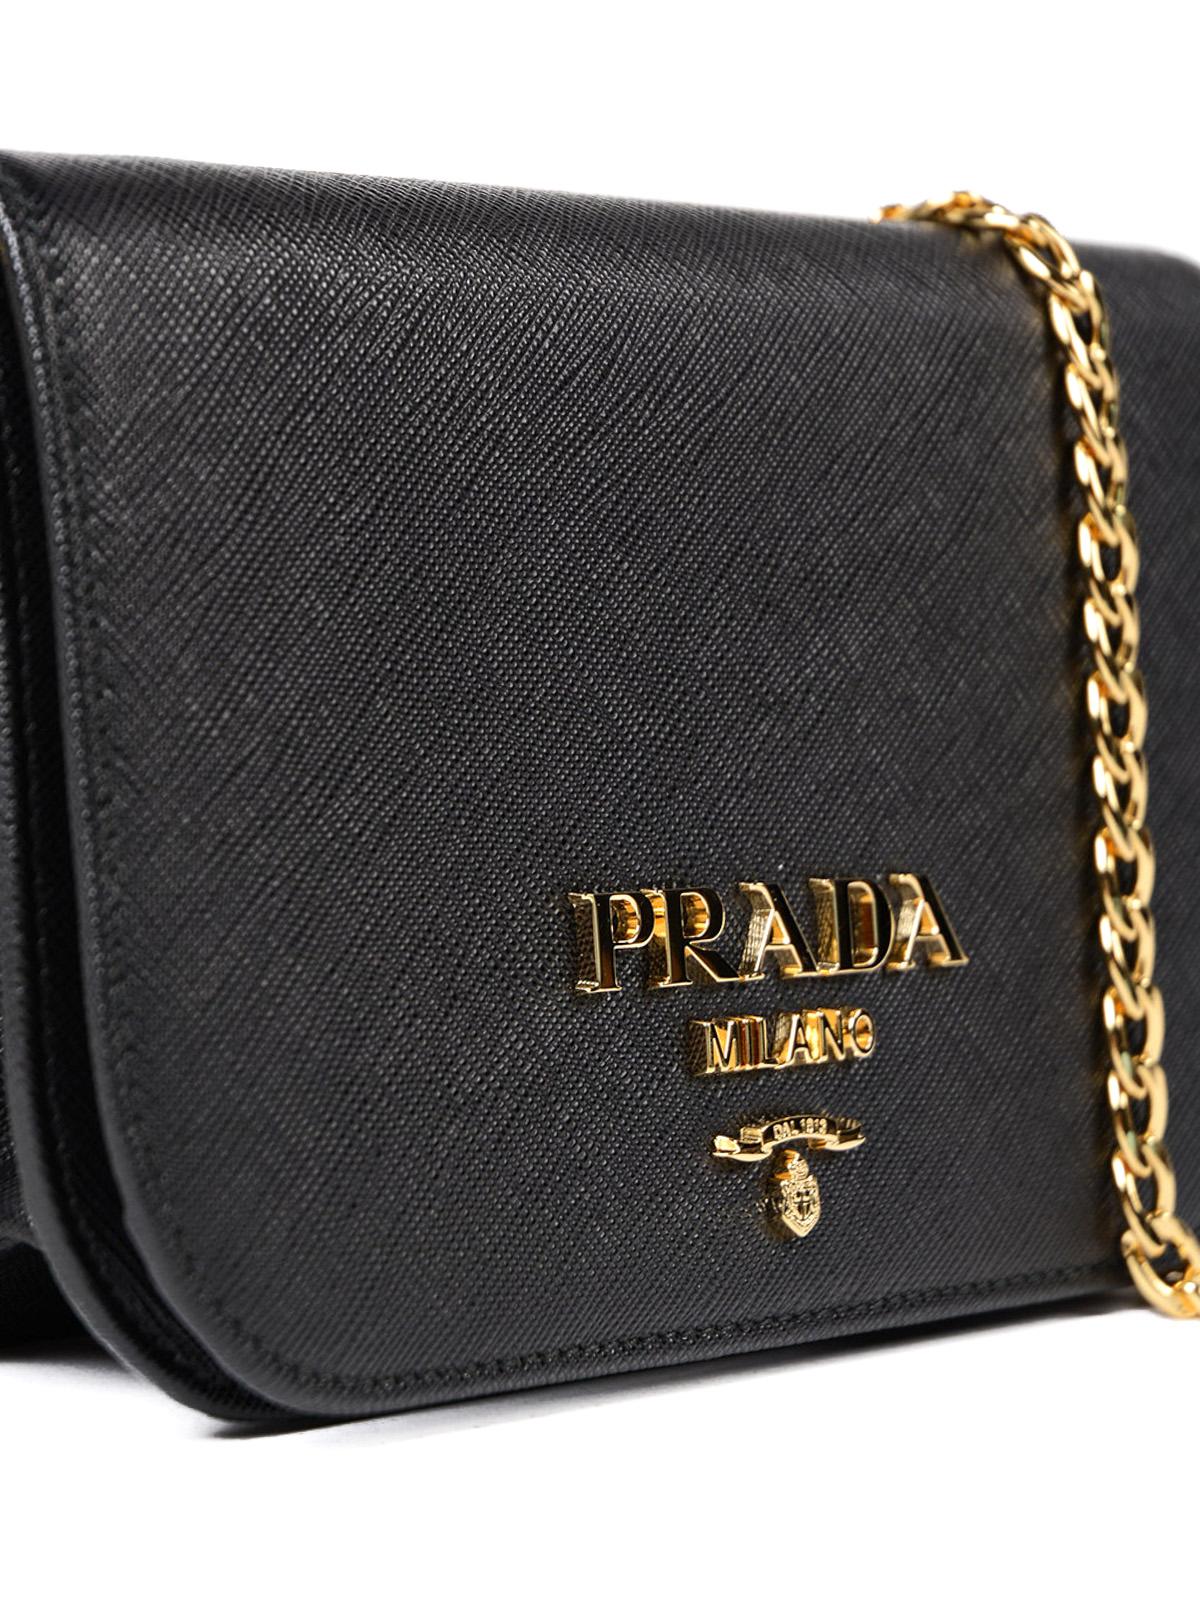 de16225d2b Prada - Saffiano leather small black bag - shoulder bags - 1BH019NZV002